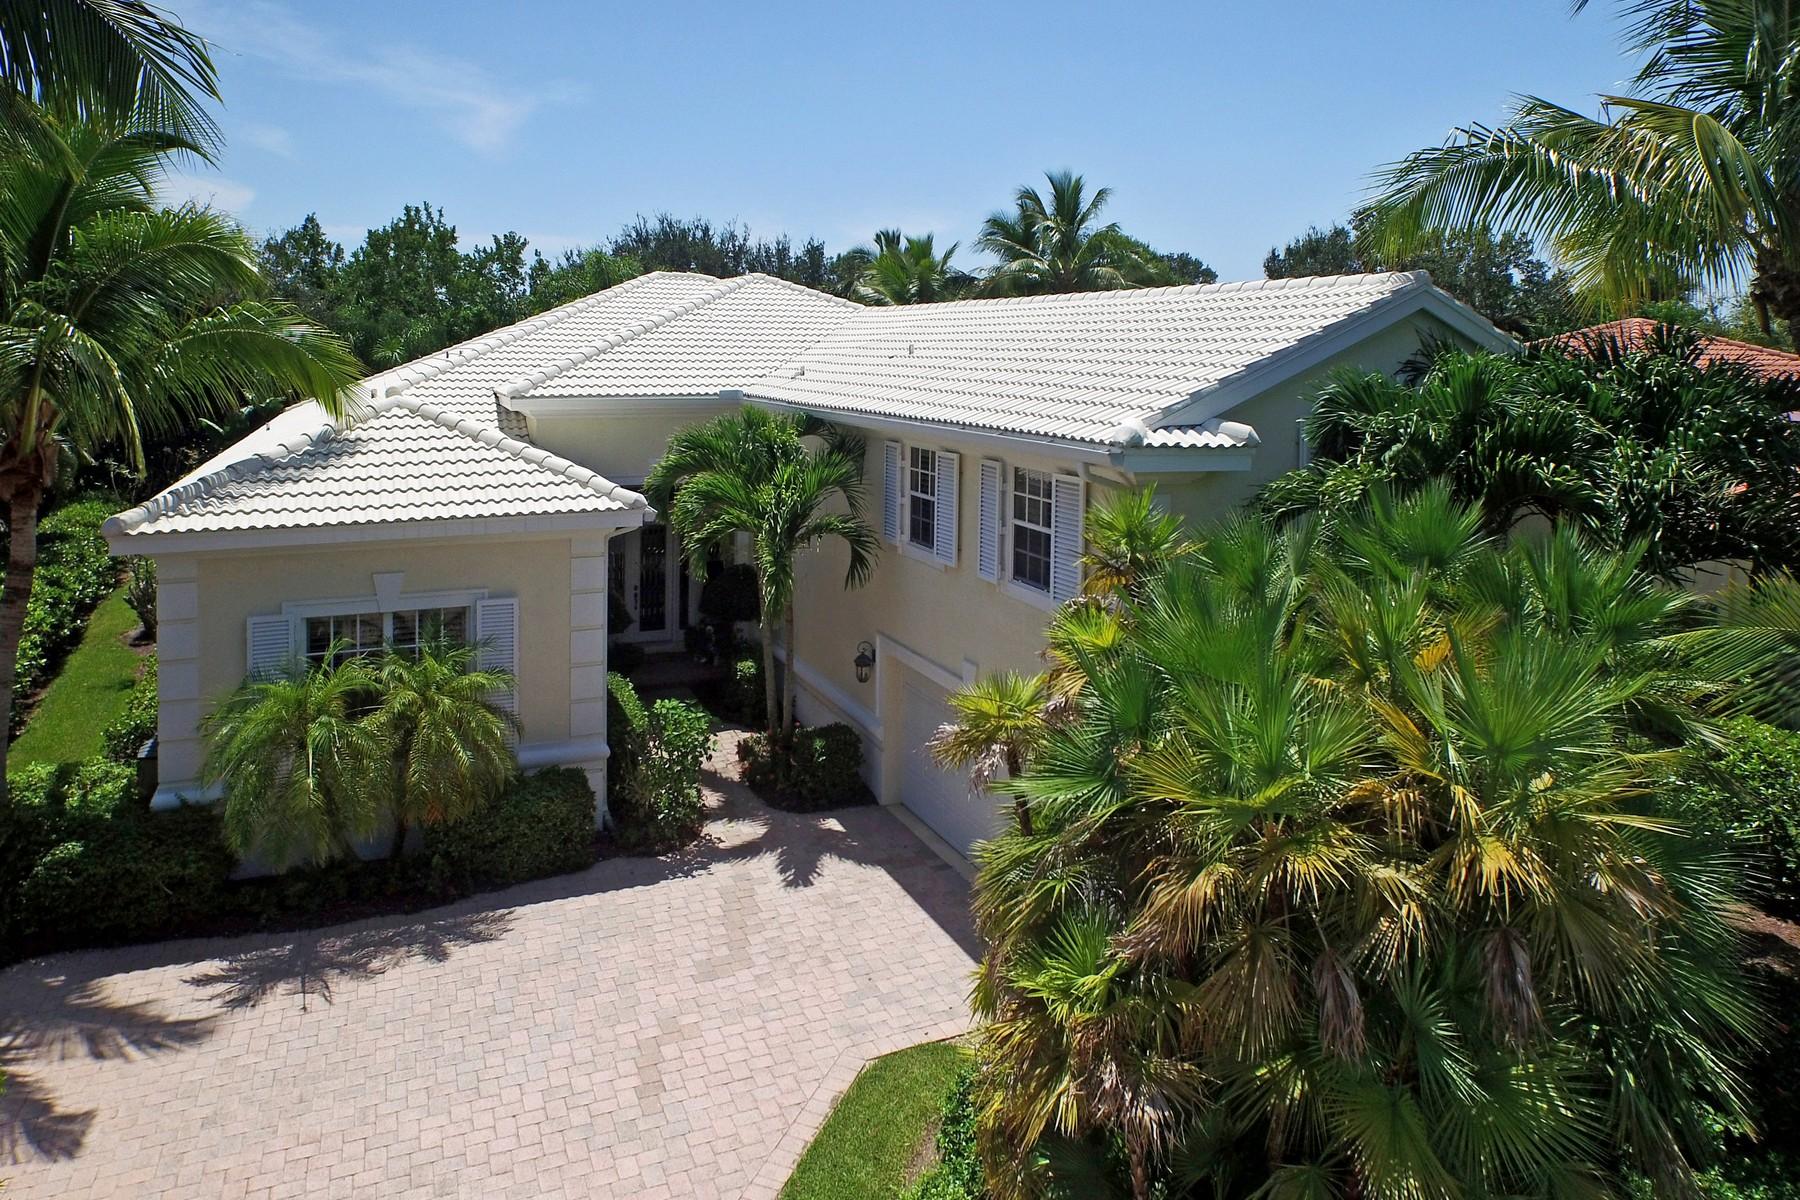 Villa per Vendita alle ore Exquisite home in Island Club 1373 W Island Club Square Vero Beach, Florida 32963 Stati Uniti